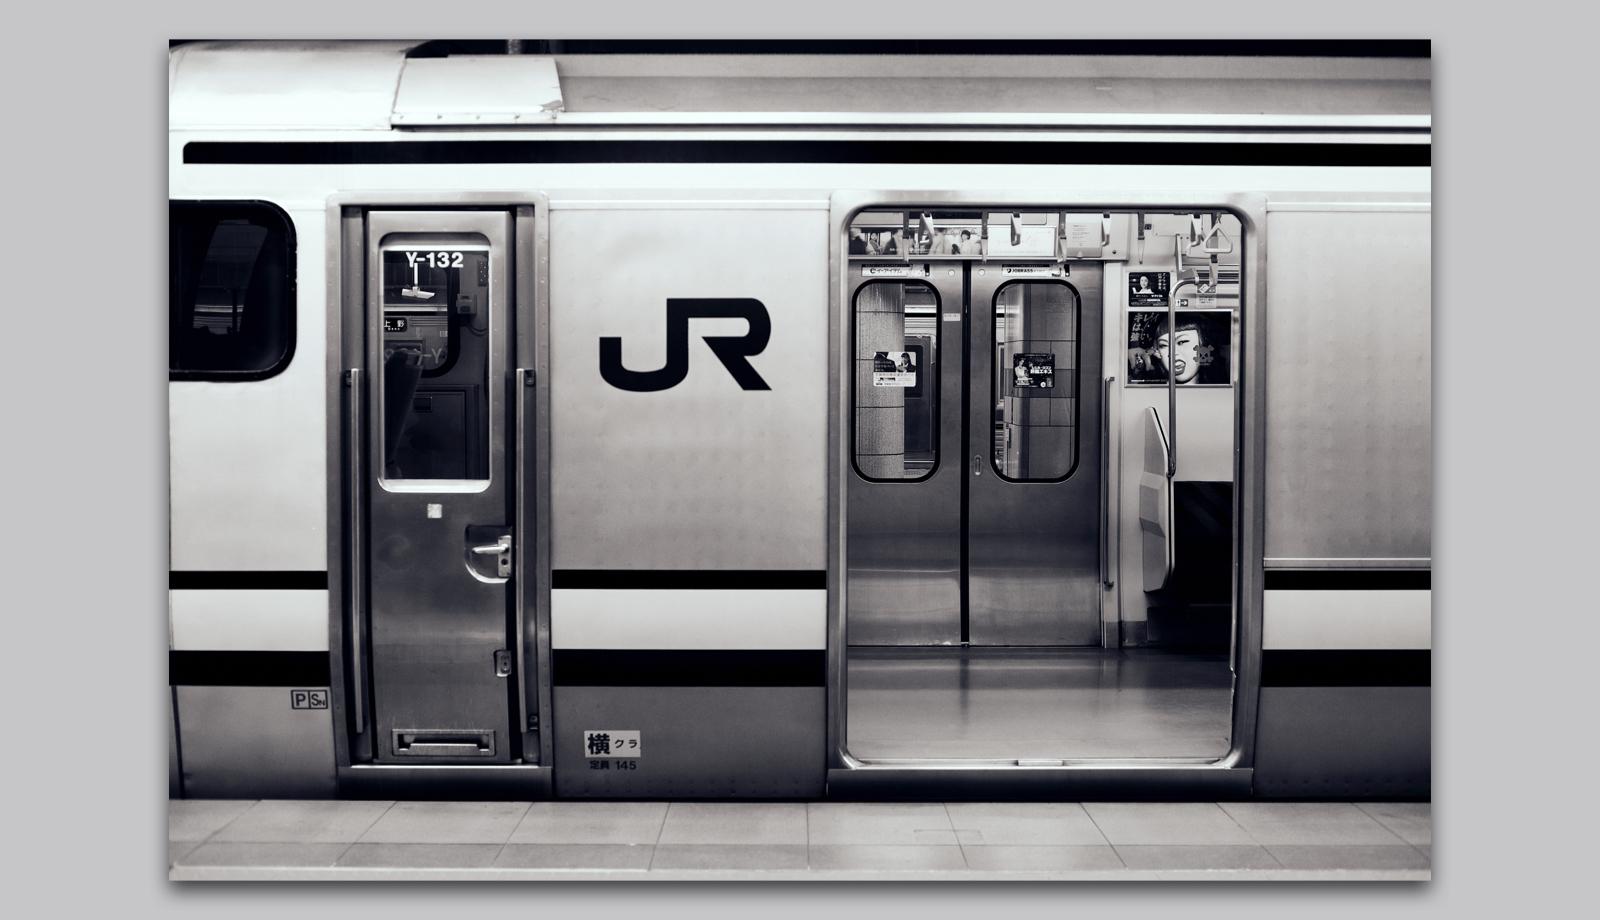 Publikation511_ReneSpitz-Designkritik_WDR3-Kultur am Mittag_Japanisches Design